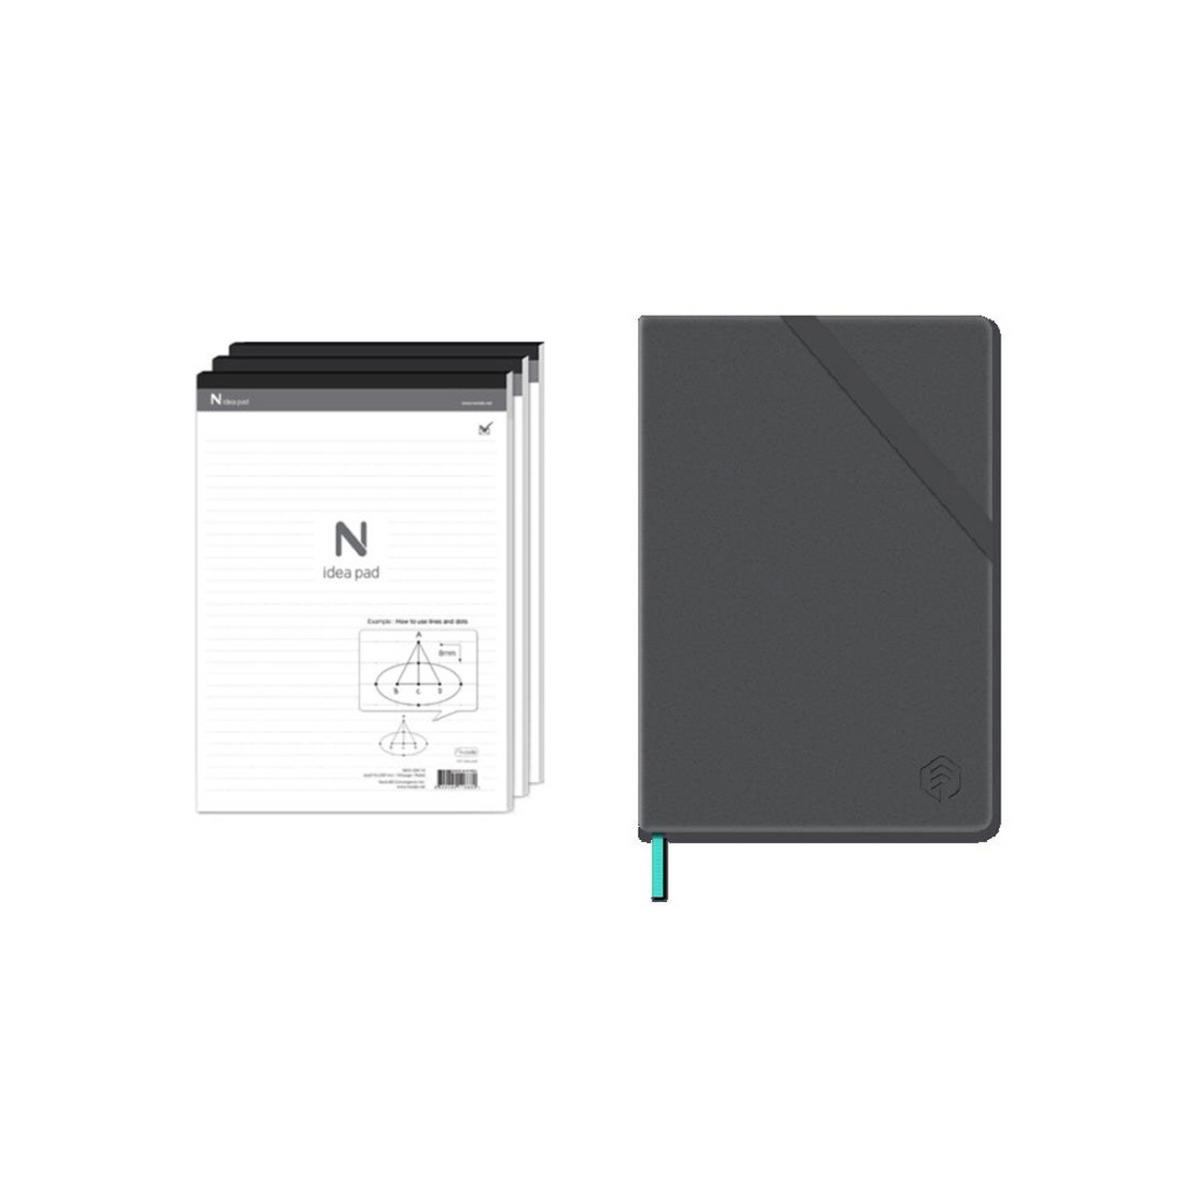 Сет Блокнот Neo N Professional + 3 Блокнота Neo N Idea Pad